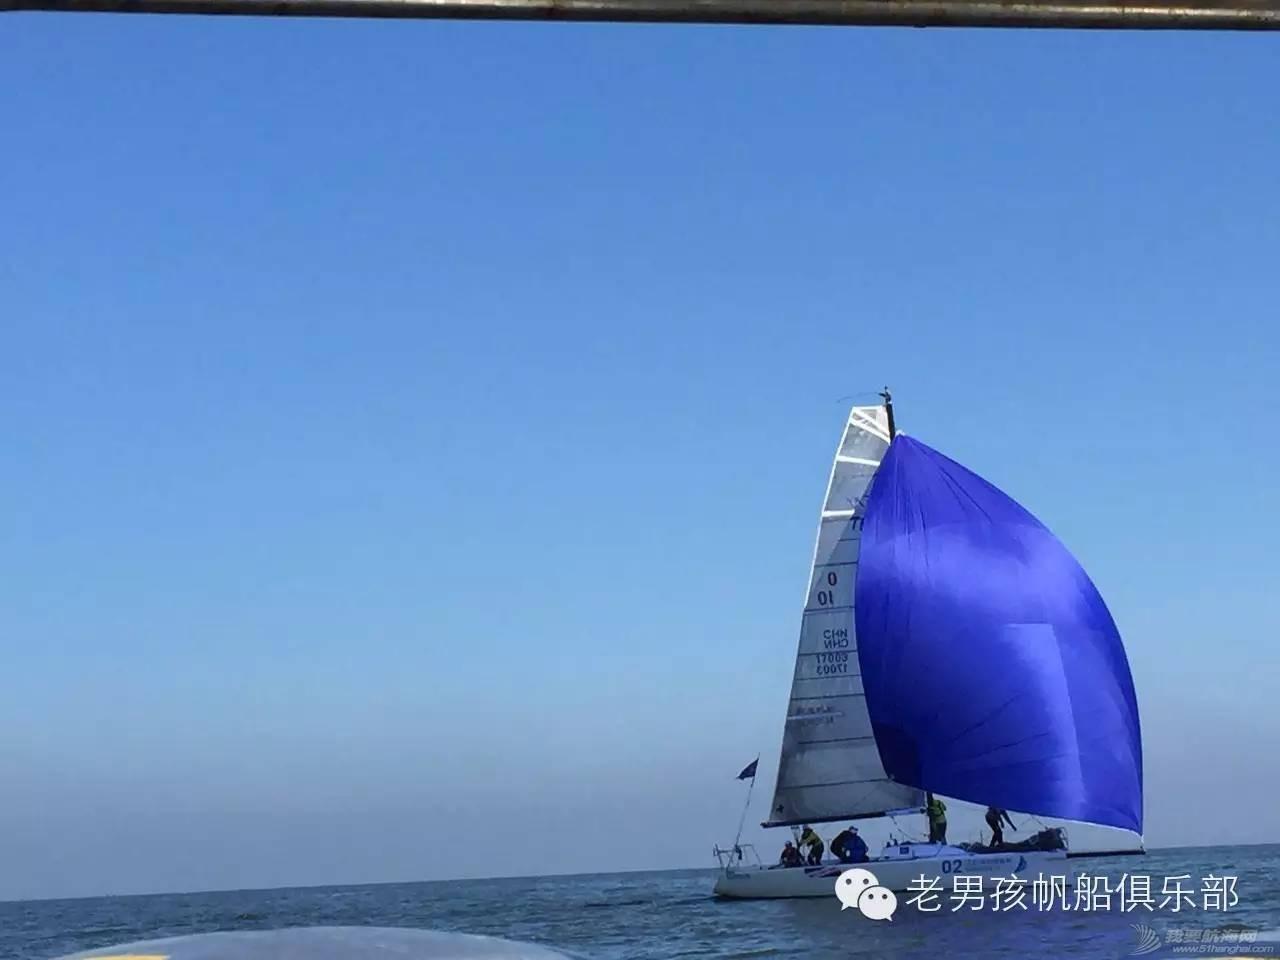 追踪2015环渤海杯,老男孩们明年见! 11b408d578a3216e4a1094c893338722.jpg